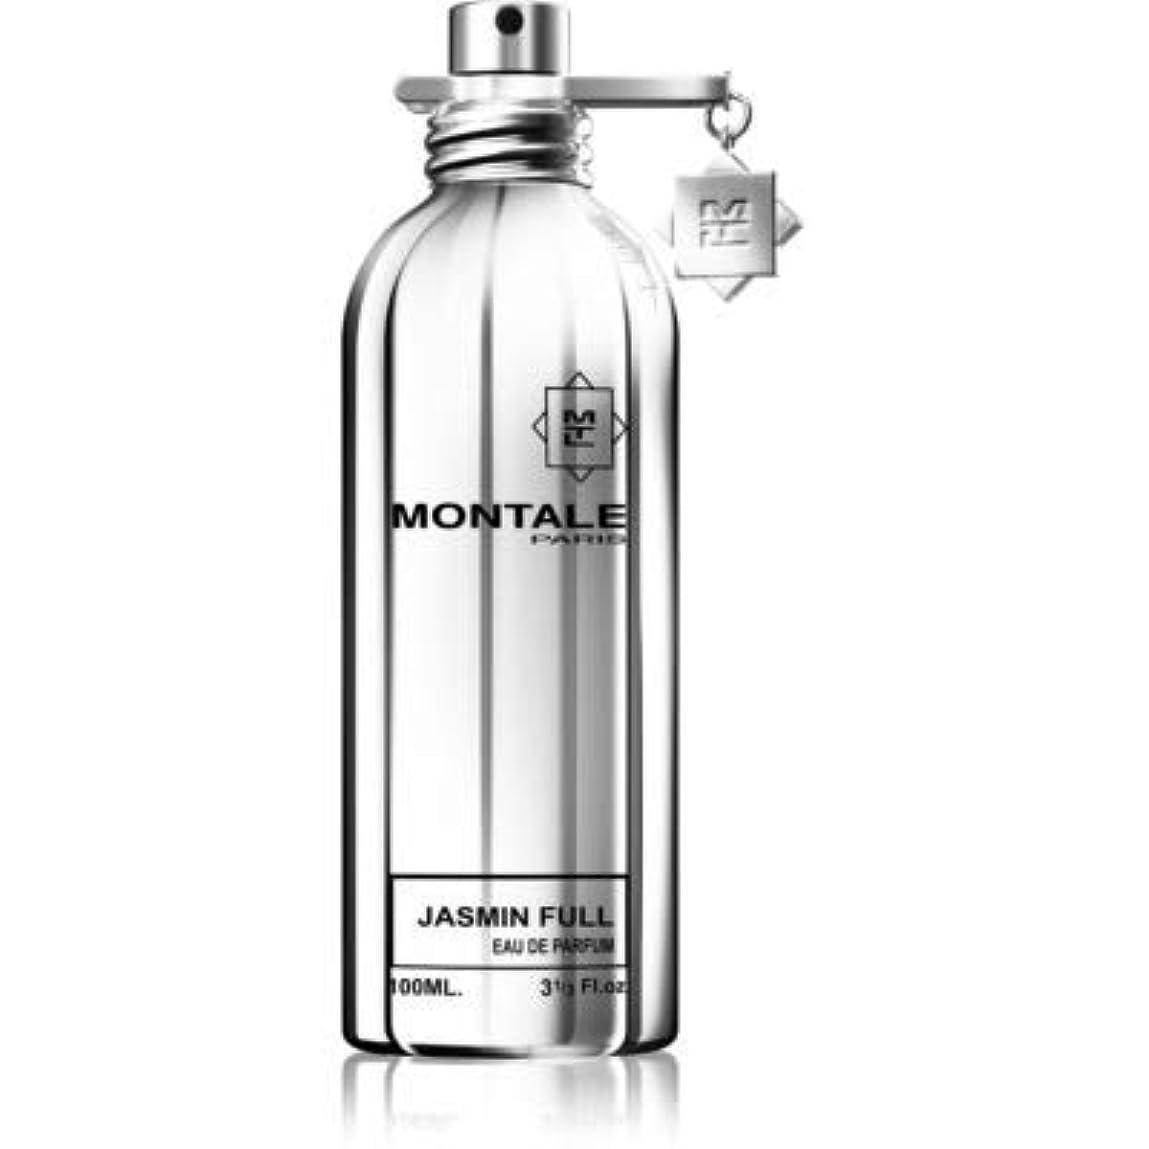 傷つける装置犬100% Authentic MONTALE Jasmin Full Eau de Perfume 100ml Made in France + 2 Montale Samples + 30ml Skincare?/ 100%本物のモントリオールジャスミンフルオード香水100ml Made in France + 2 Montale Samples + 30mlスキンケア